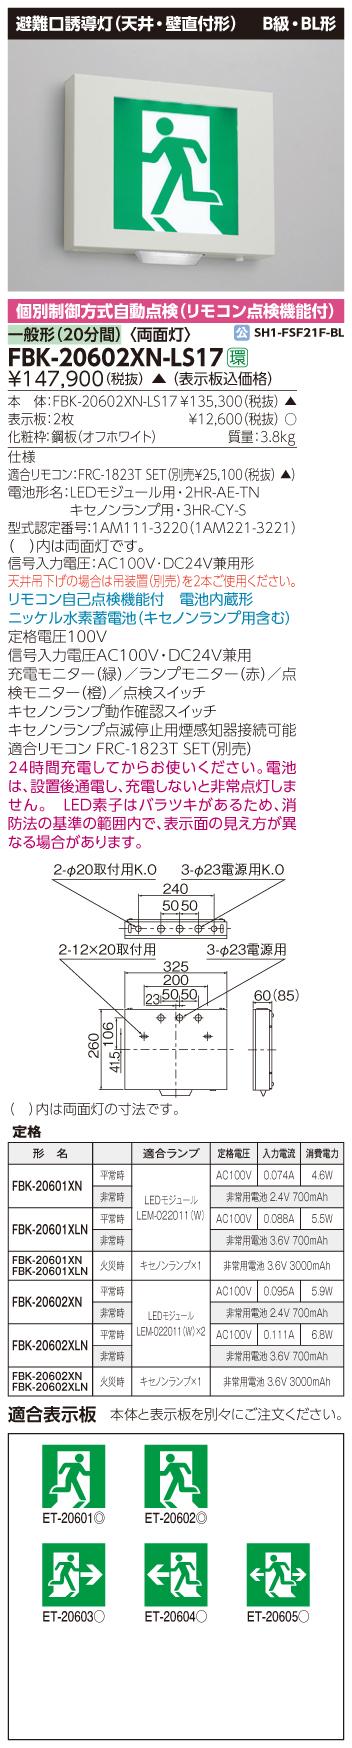 【法人様限定】東芝 FBK-20602XN-LS17 LED誘導灯 天井・壁直付形 天井吊下形 点滅形 電池内蔵 両面 B級BL形 一般形 【表示板別売】